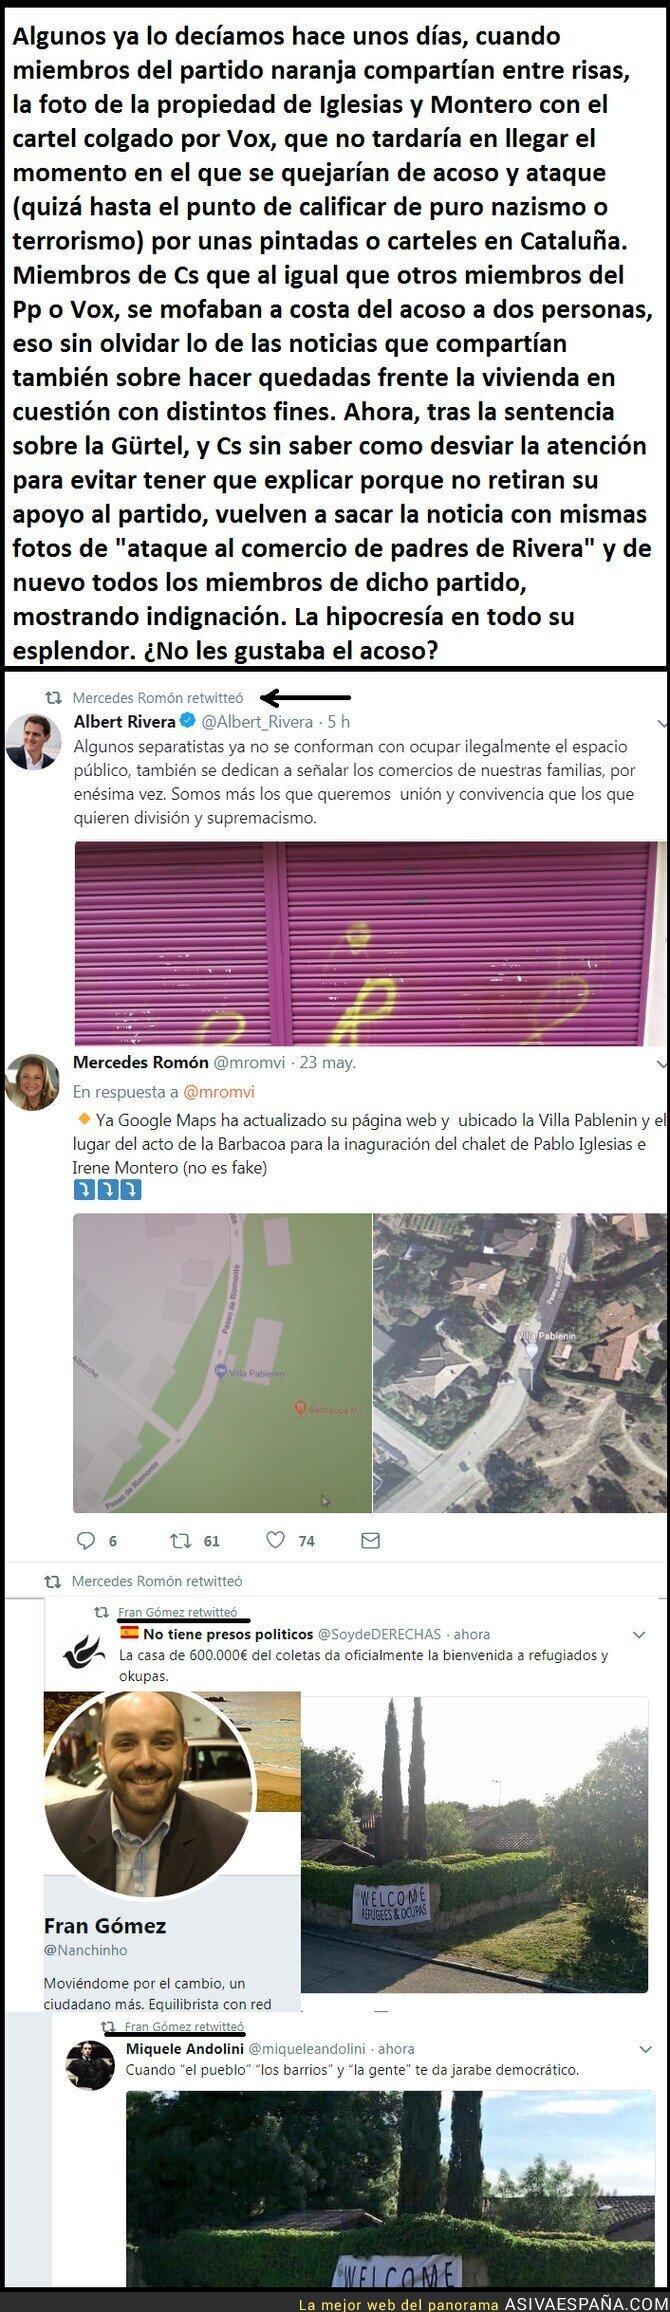 87355 - Cuando el acoso es hacia Podemos, todo risas, cuando les toca a ellos, SUPREMACISMO